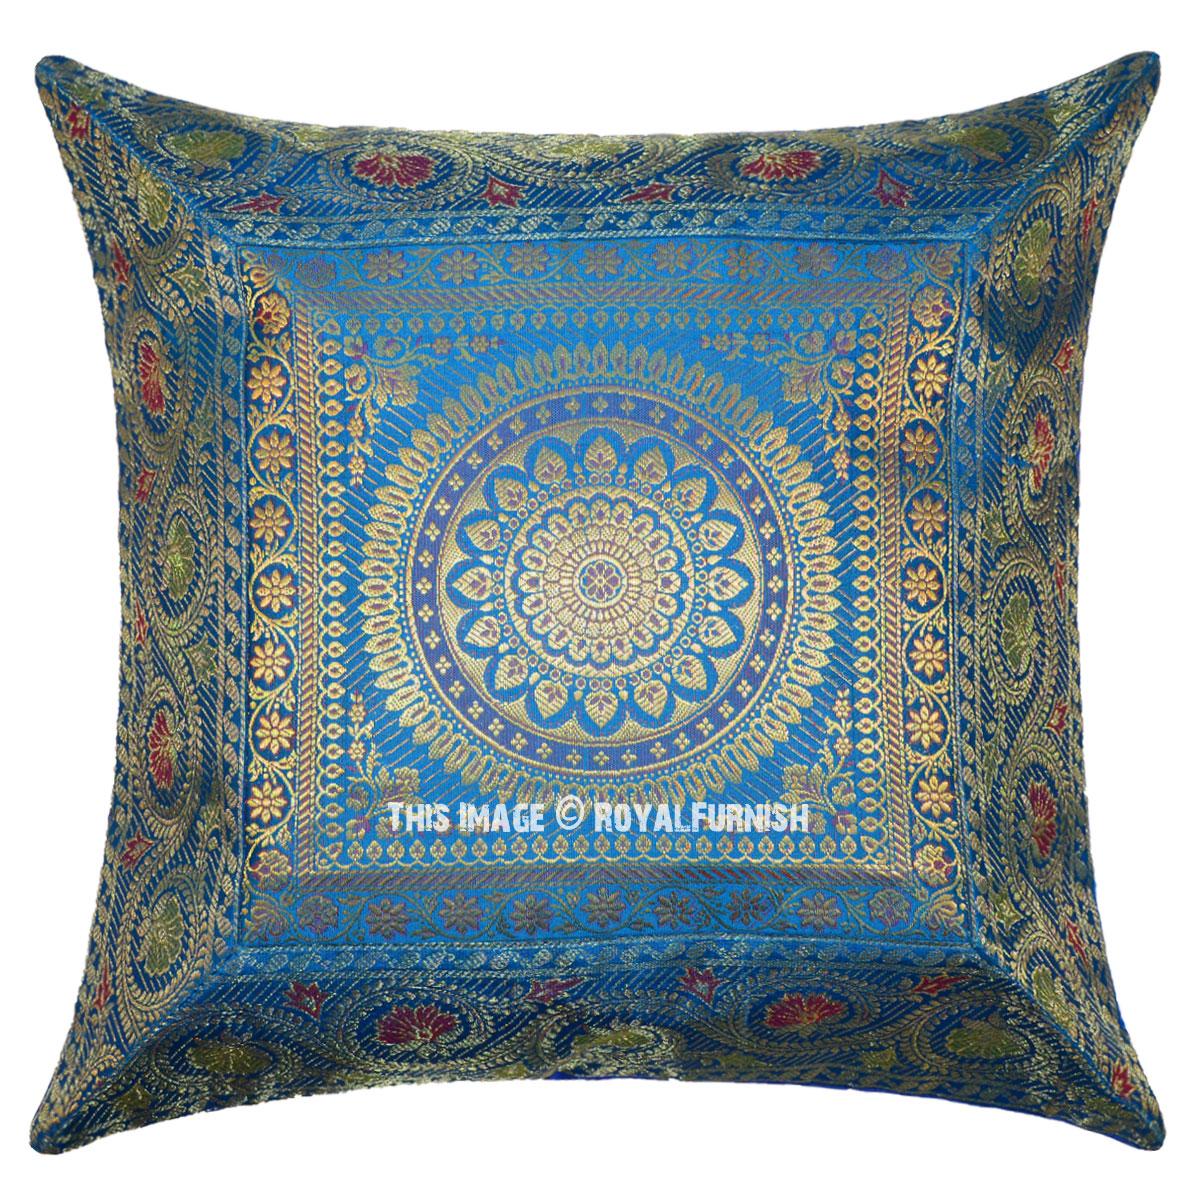 Turquoise Decorative Unique Mandala Silk Throw Pillow Case